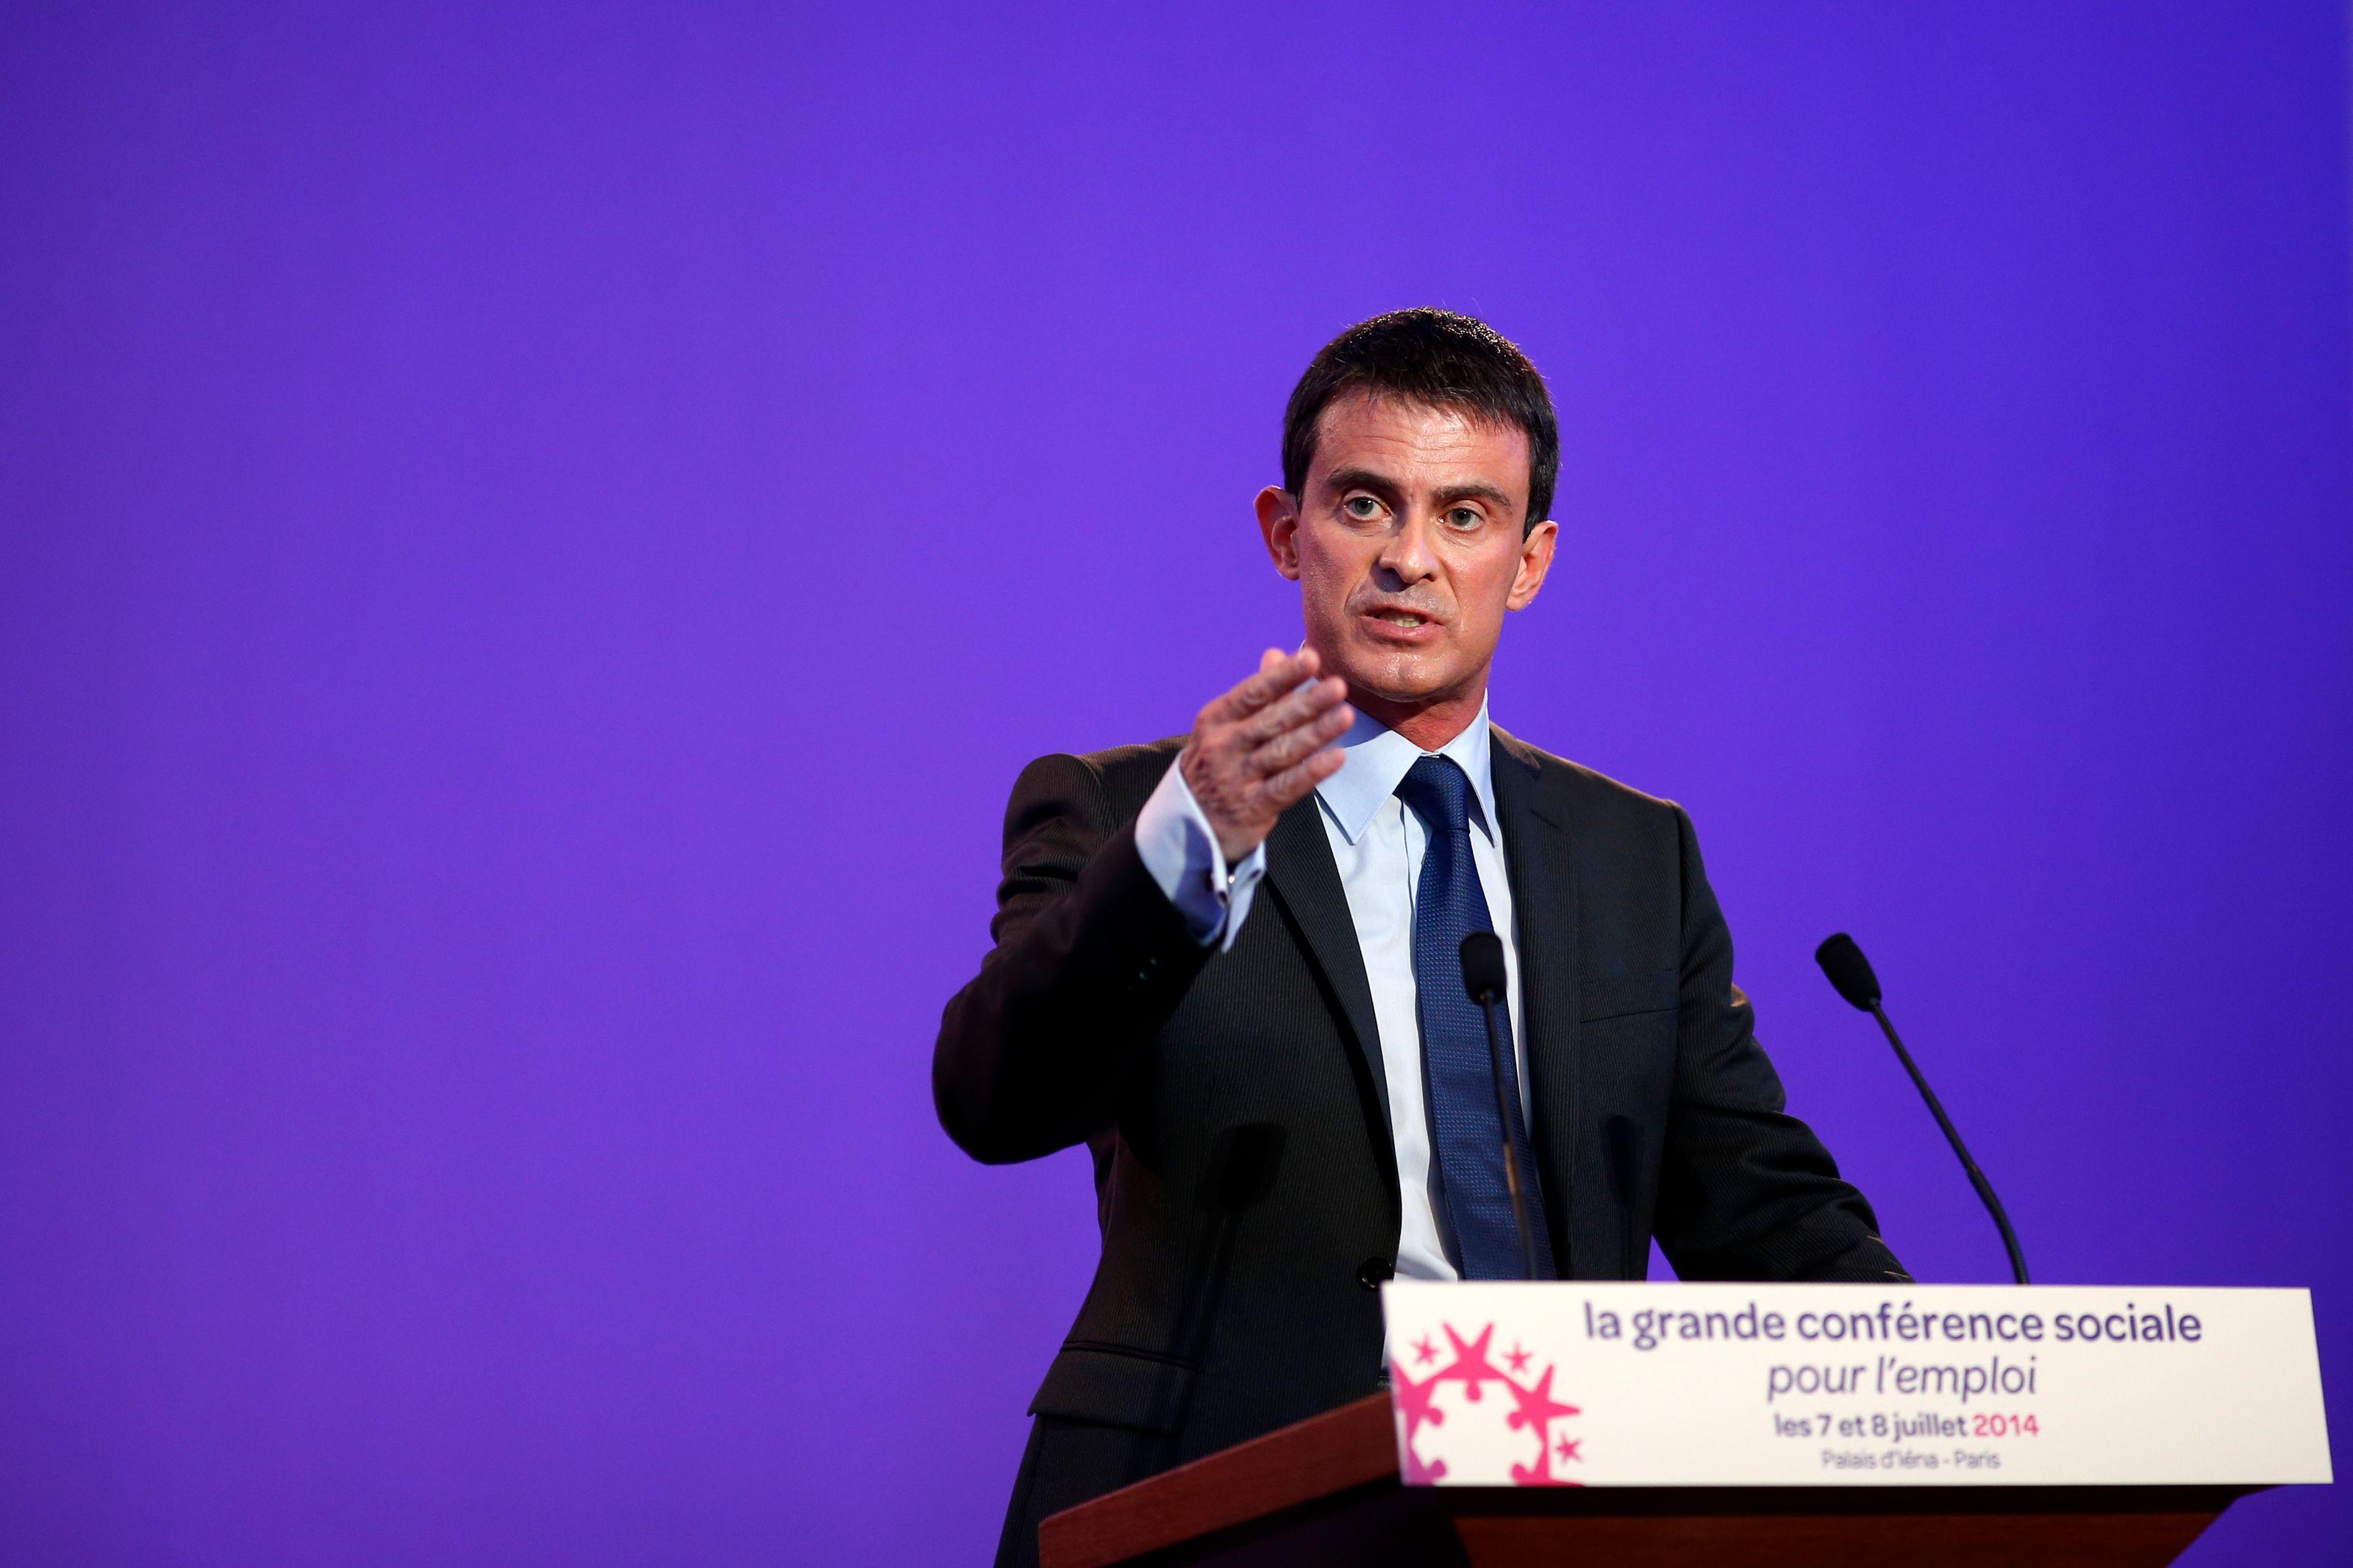 Manuel Valls a condamné les violences qu'il y a eu dimanche à Sarcelles